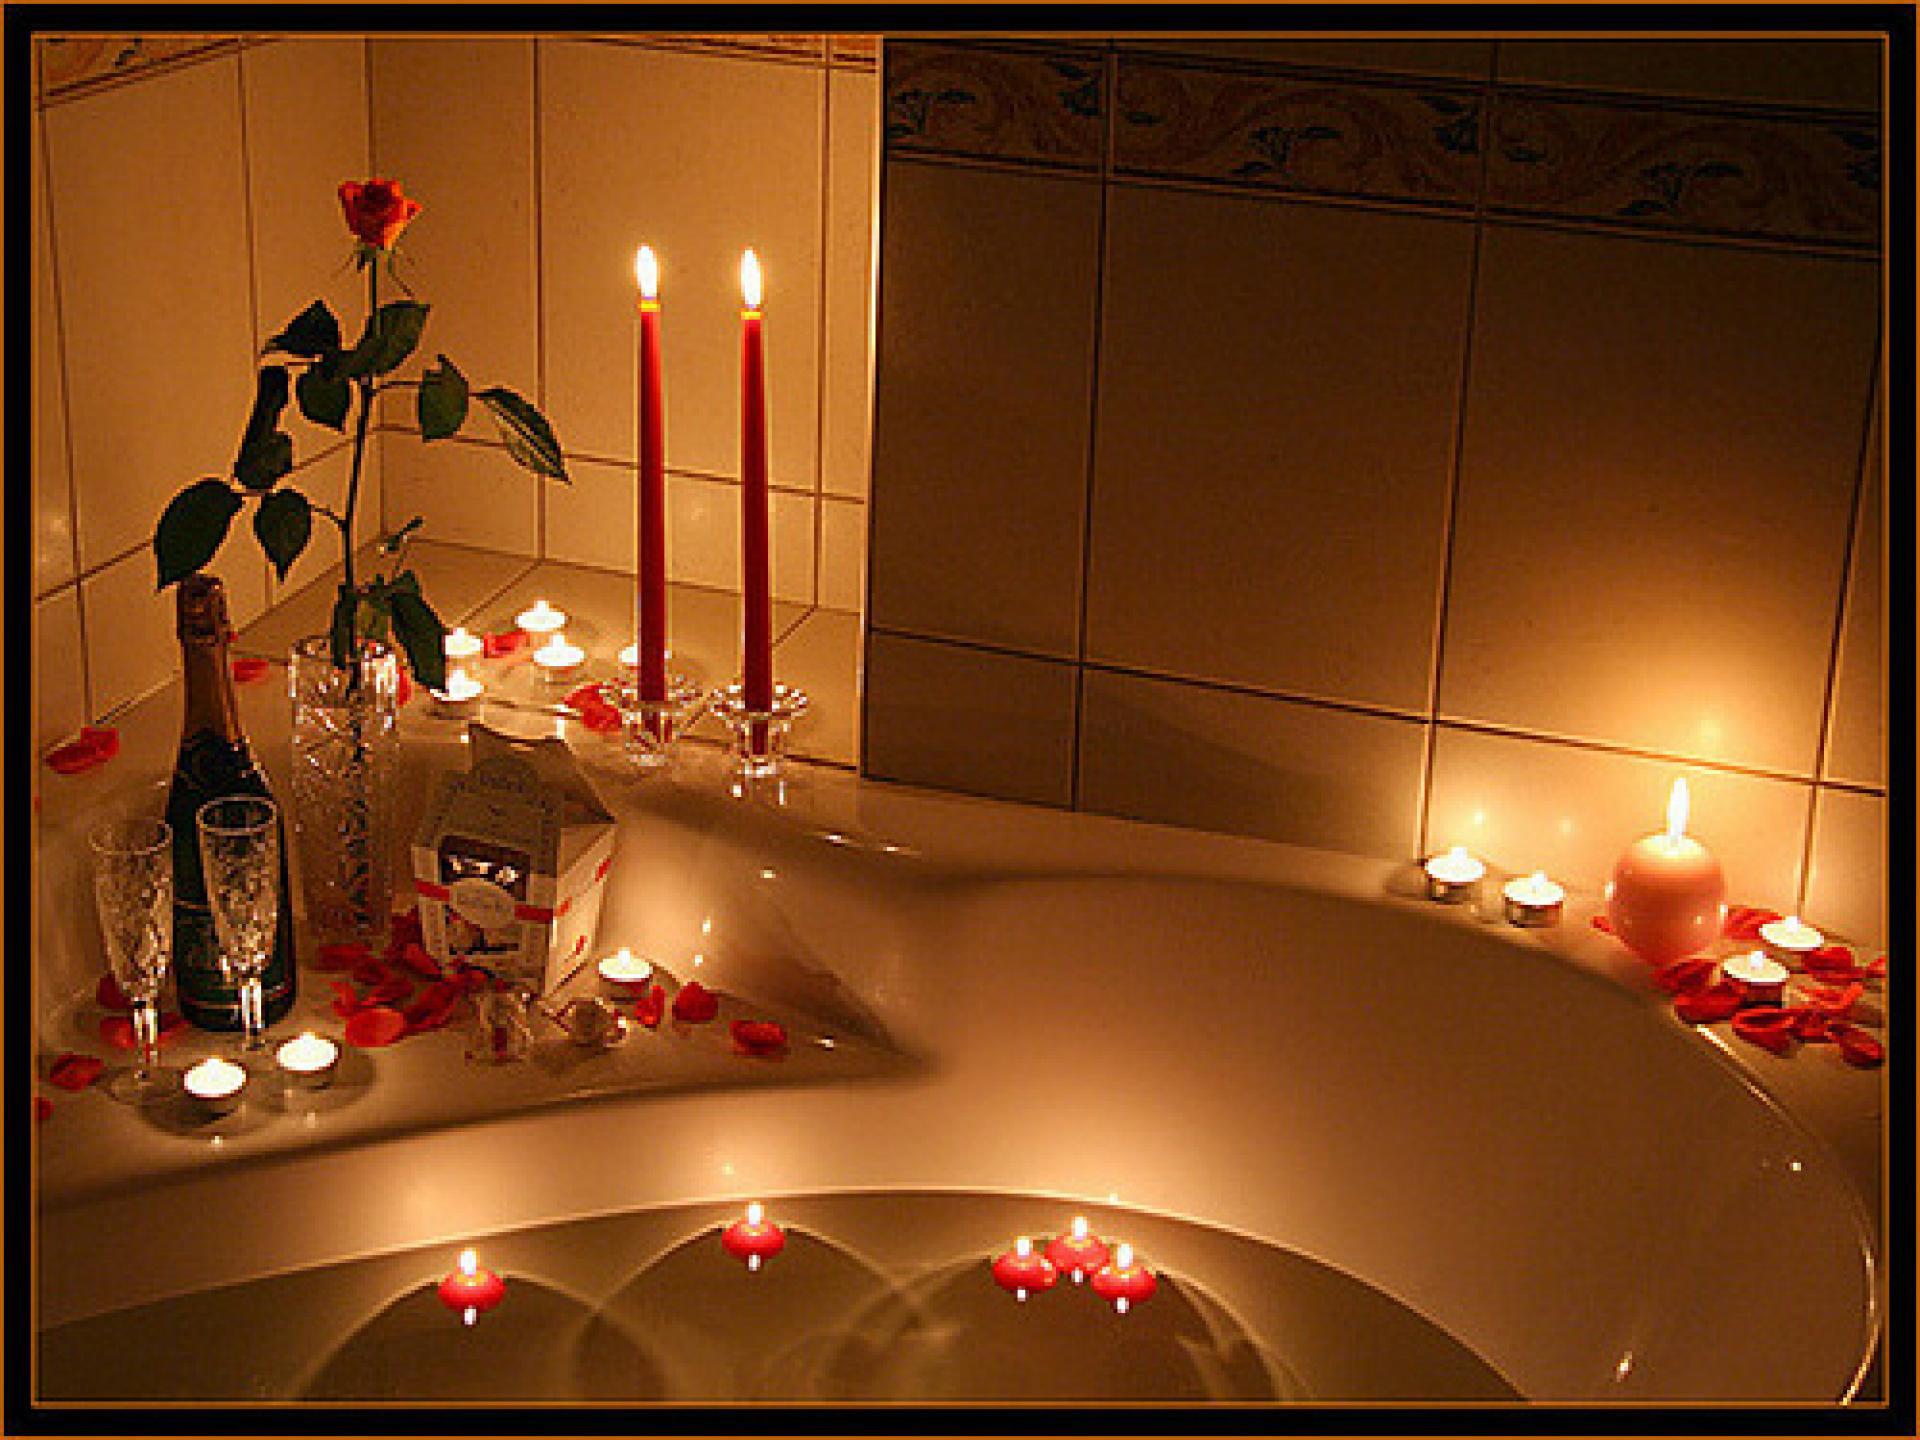 Секс в ванне свечи 20 фотография